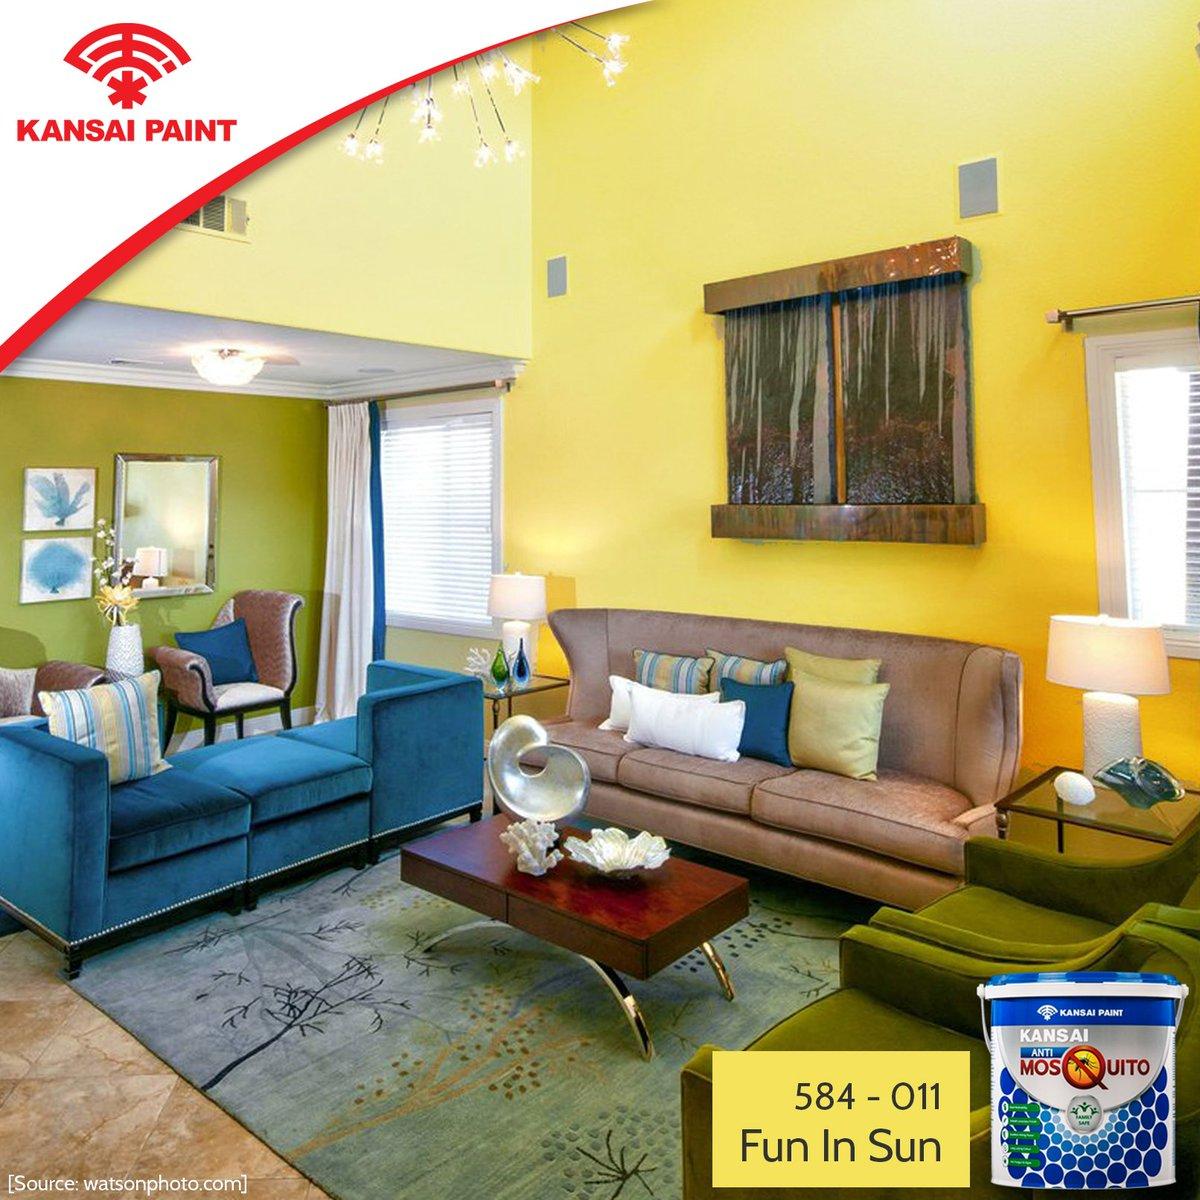 Hadirkan Warna Lain Pada Elemen Pengisi Ruangan Seperti Bantal Sofa Dan Beberapa Hiasan Yang Menjadi Pemanis Di Ruang Tamu Agar Semakin